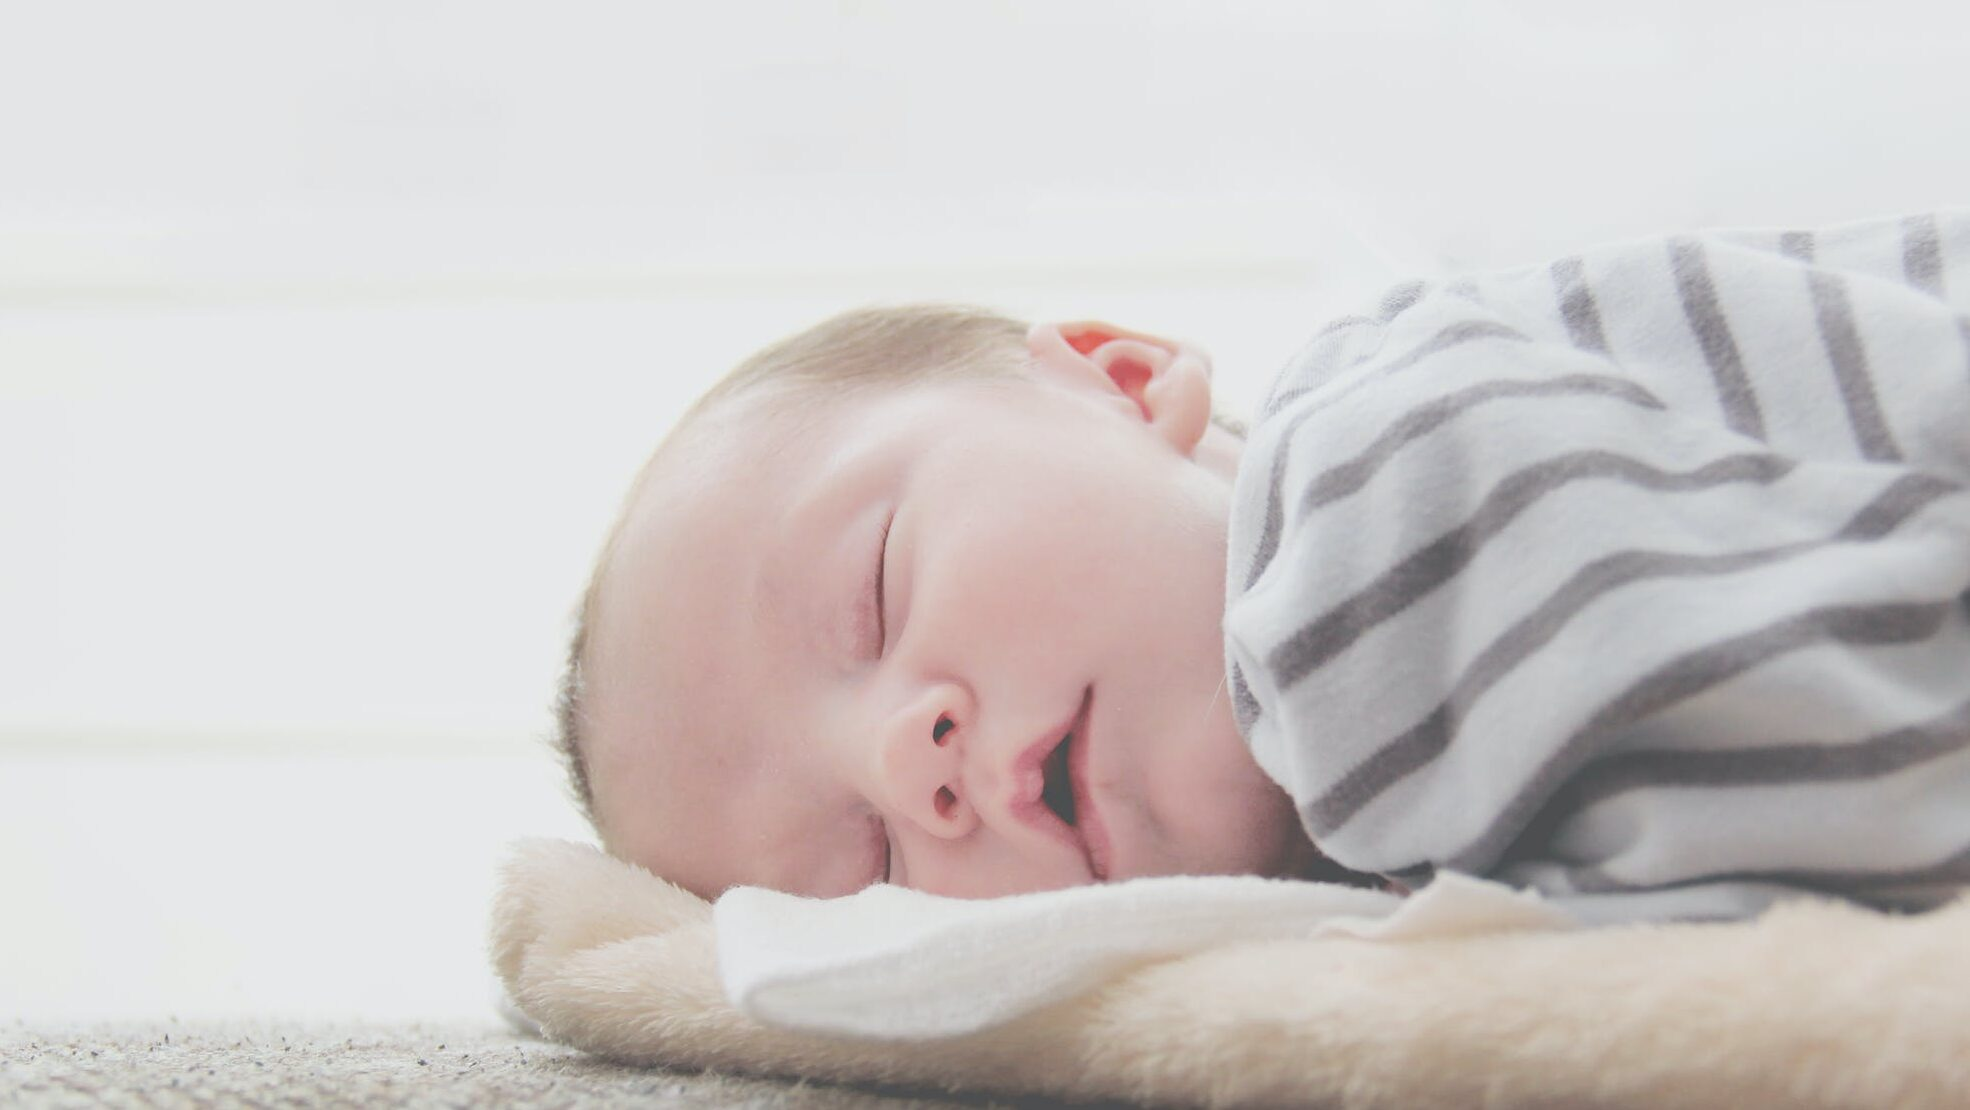 新生児のしゃっくりが毎日(ミルクや授乳後)止まらない…原因は?多い病気は?止める方法は?のイメージ画像10